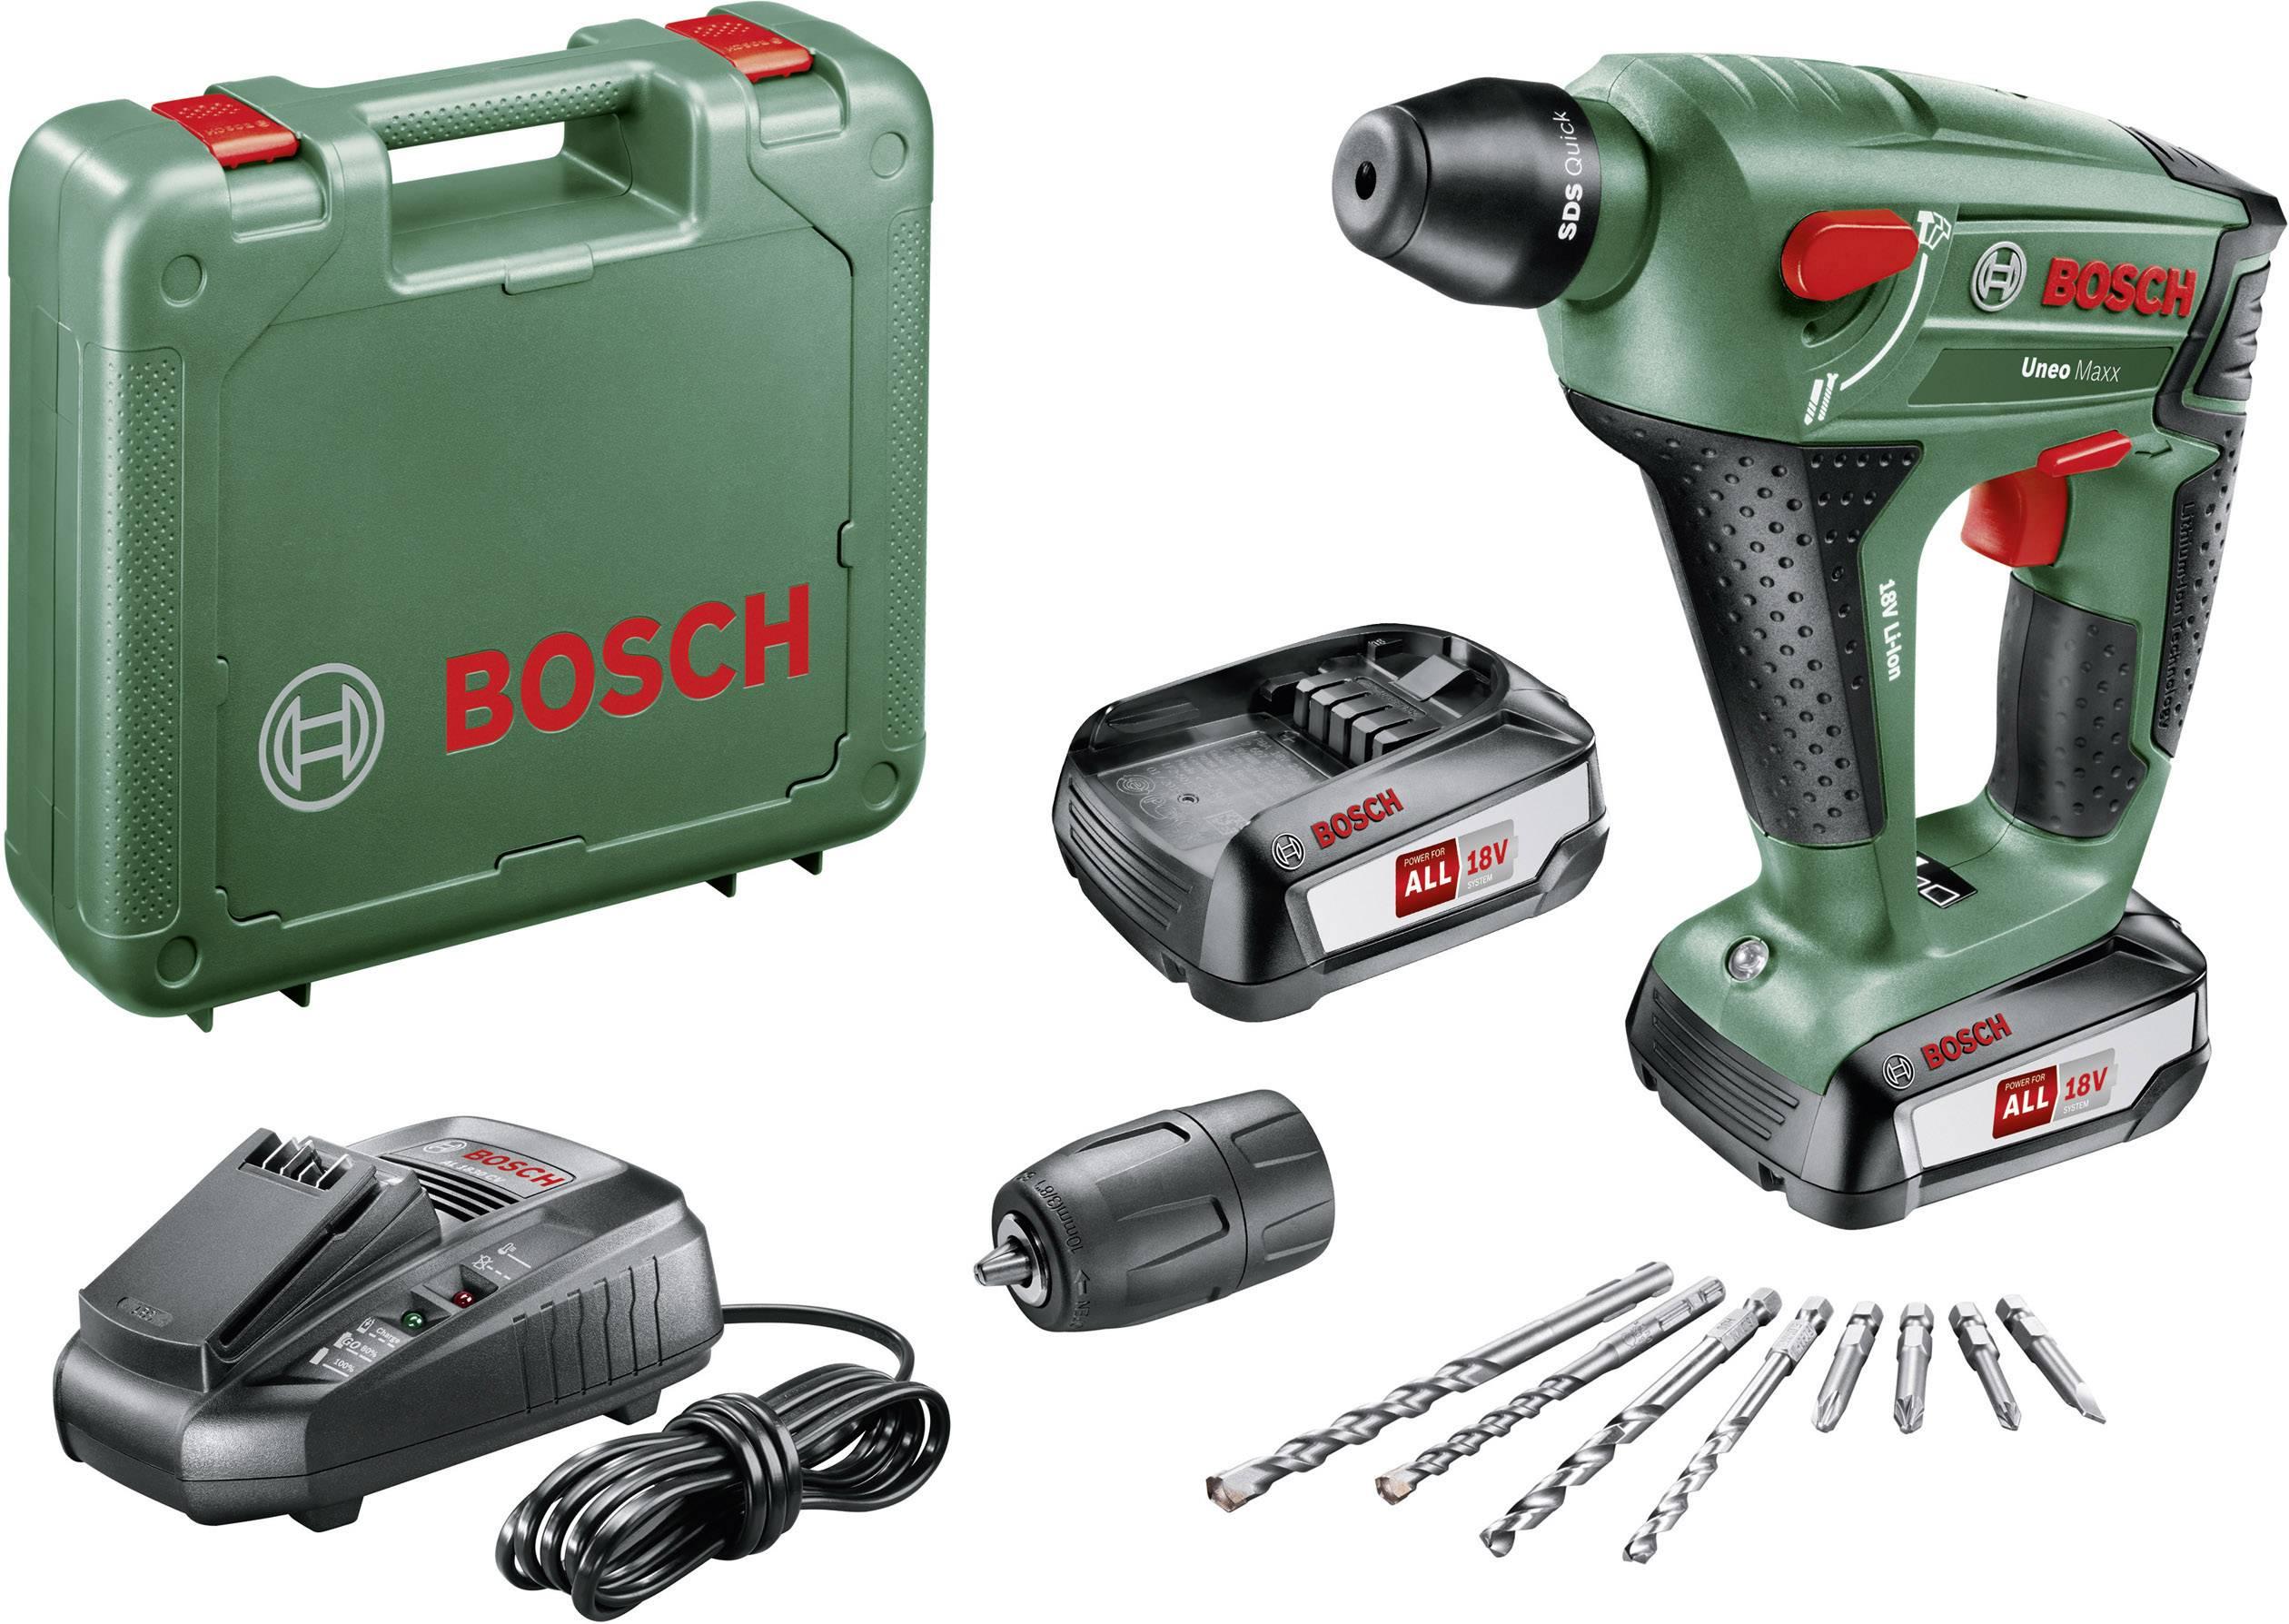 Bosch Home and Garden Uneo Maxx SDS quick-aku kladivo 18 V 2.5 Ah Li-Ion akumulátor 2 akumulátory, kufřík